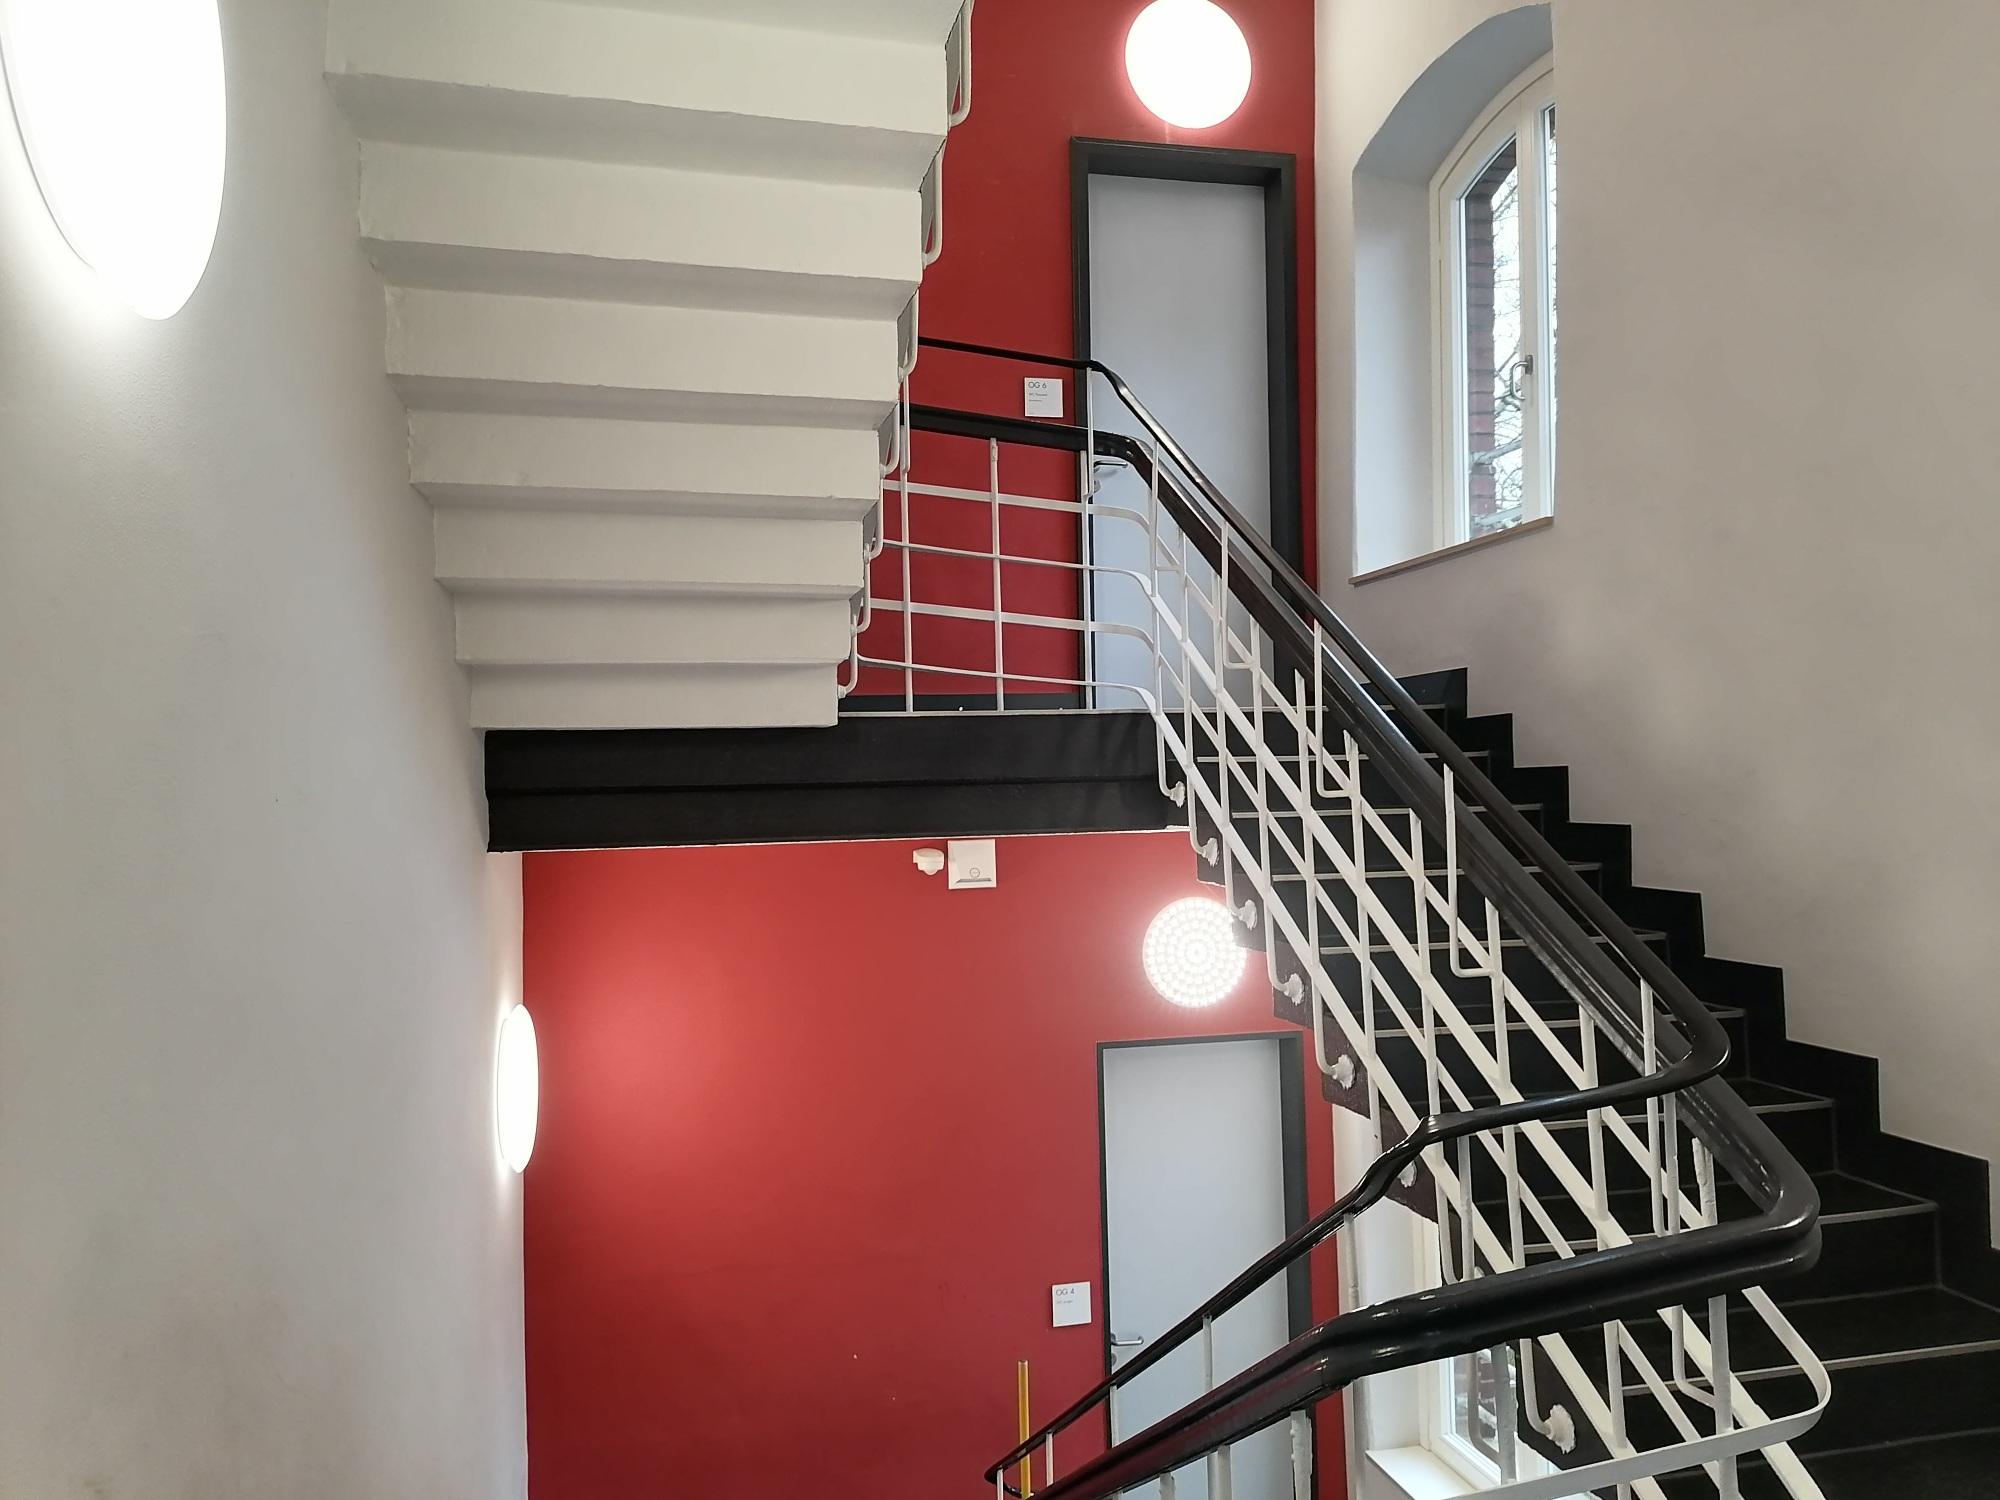 Treppenhaus Kyffhäuserstr. 98